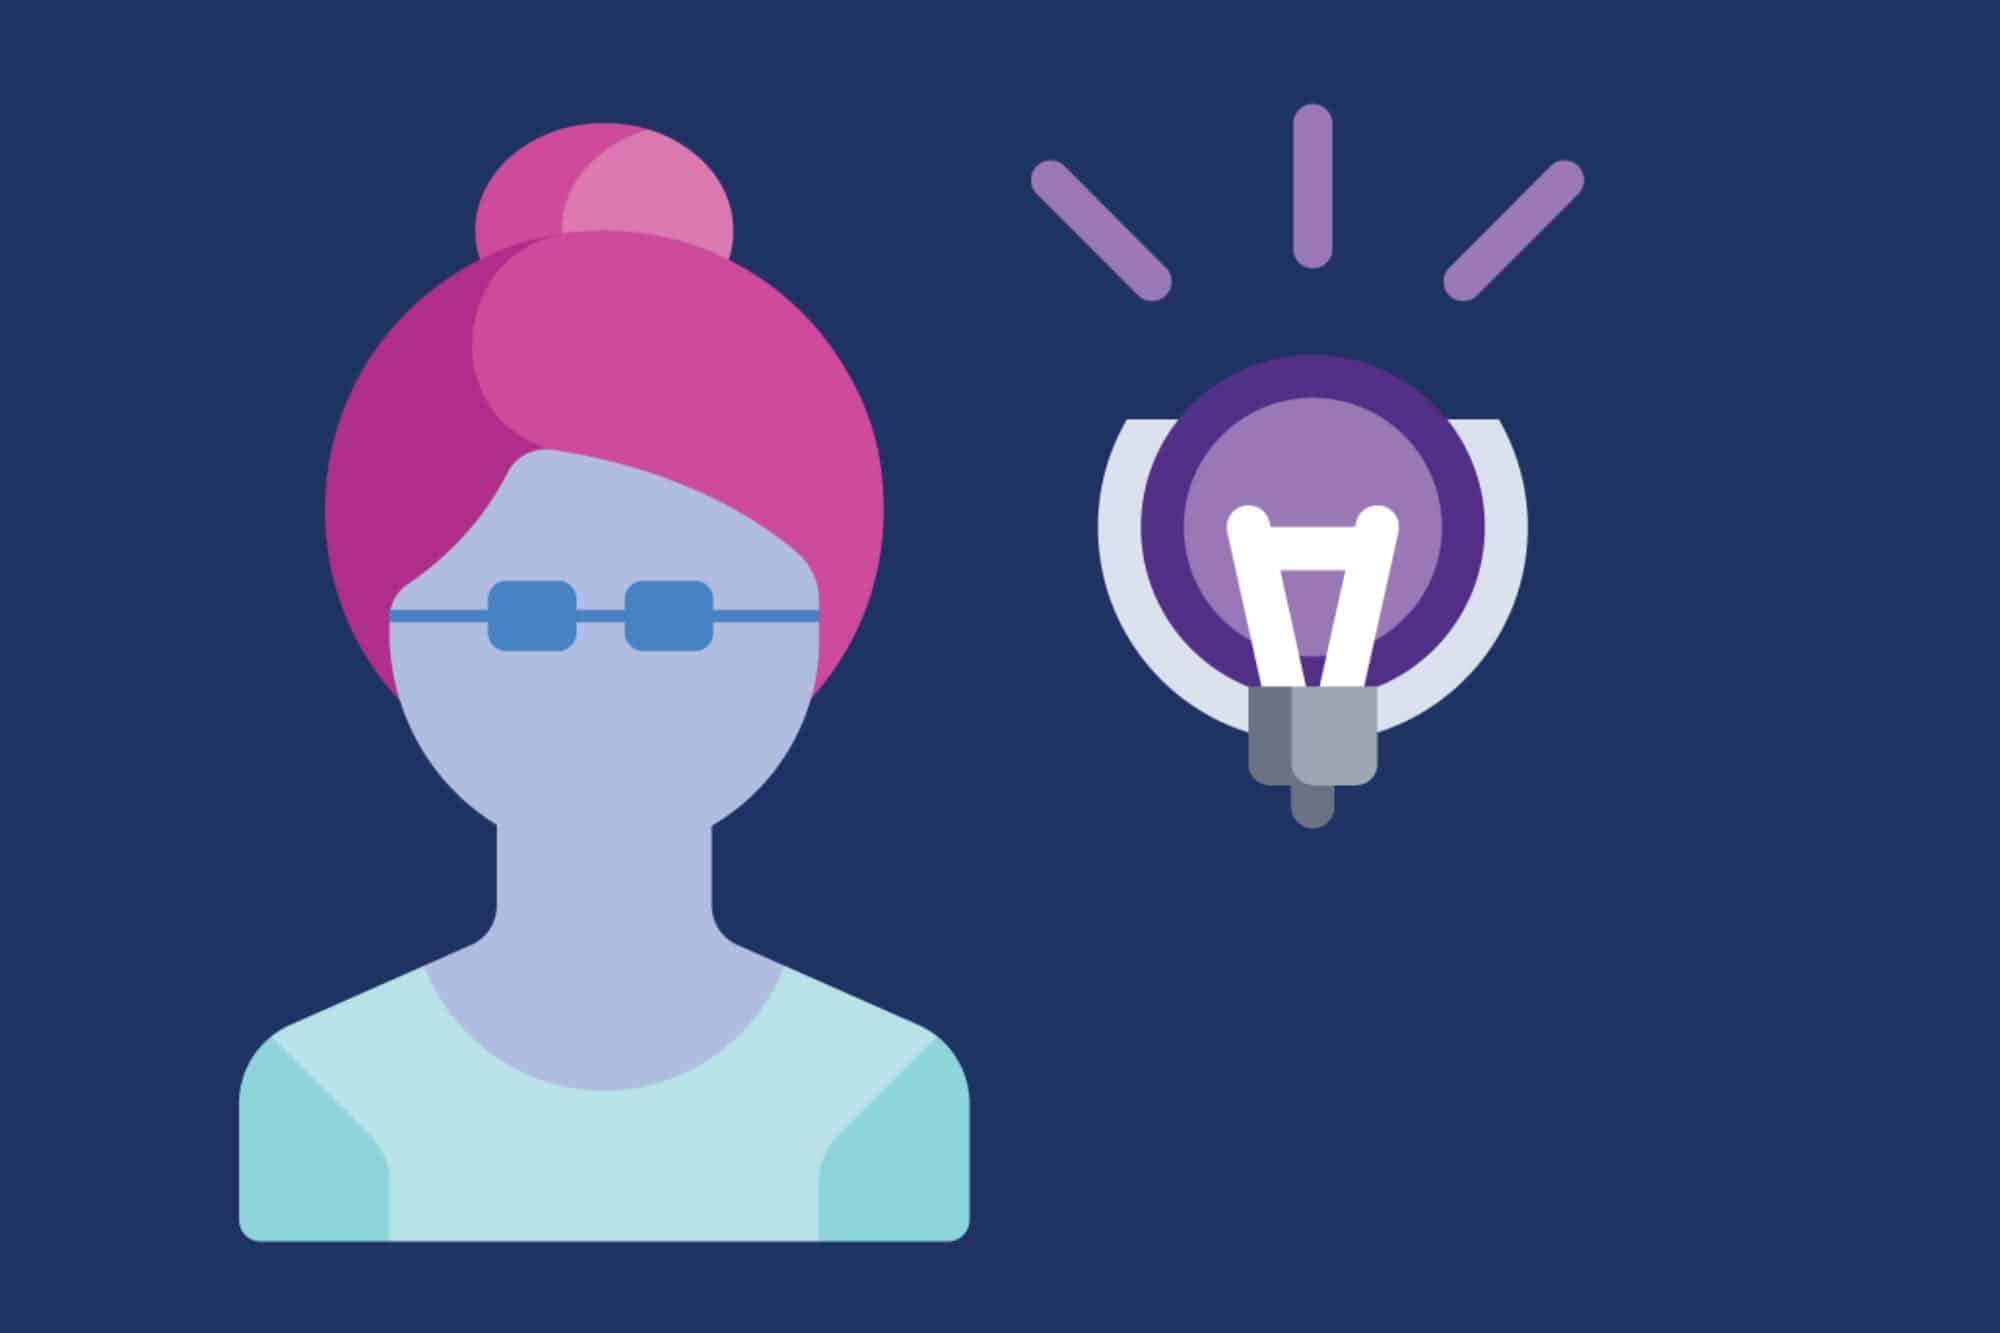 ilustração sobre ideias inovadoras